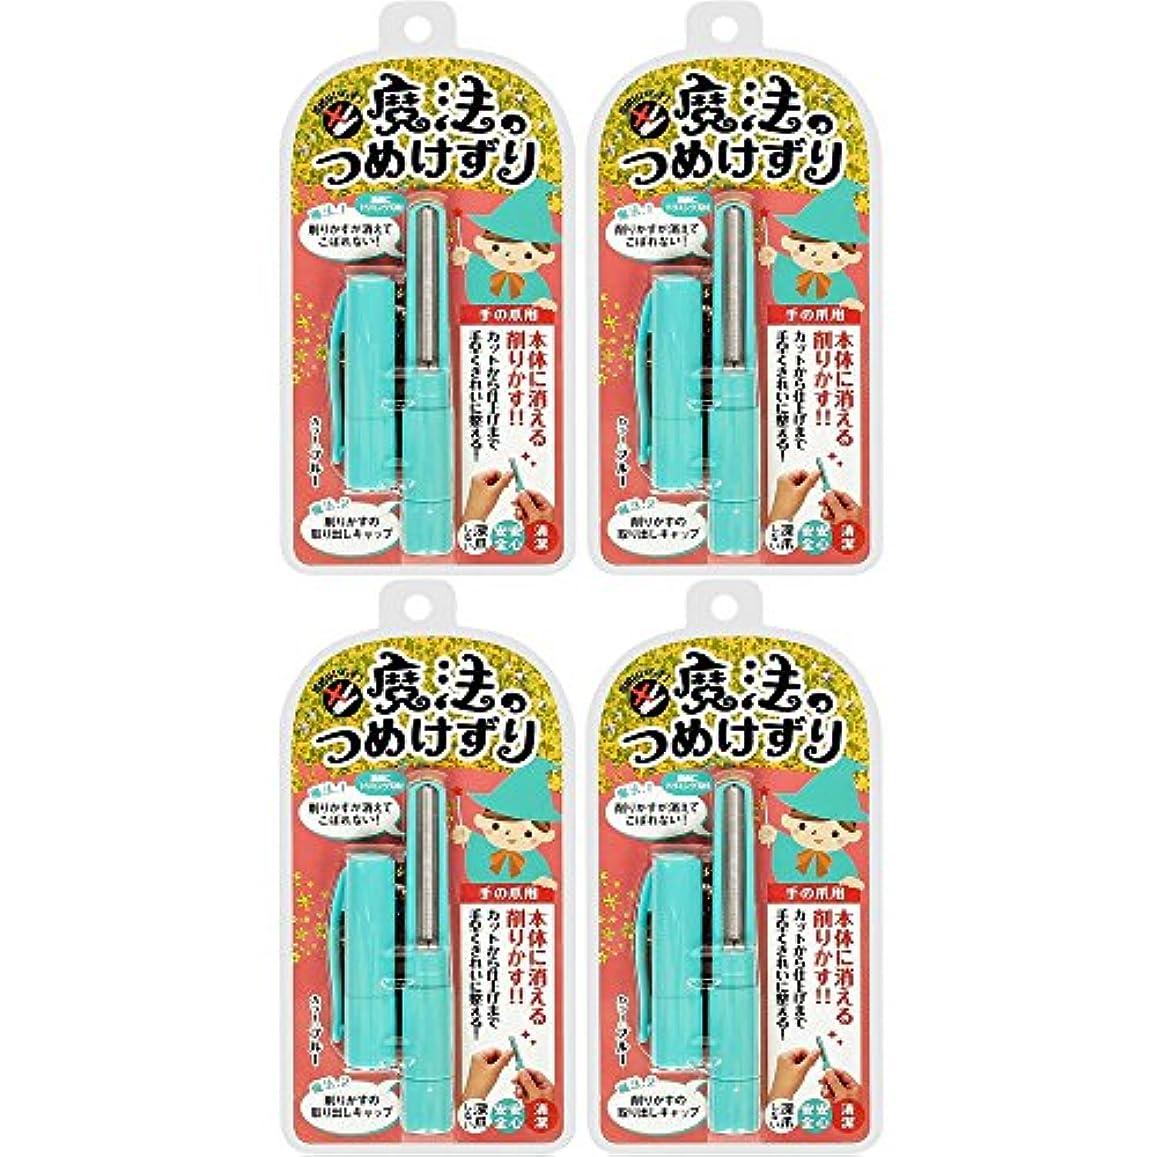 プロテスタント仮定受け入れる【セット品】松本金型 魔法のつめけずり MM-091 ブルー 4個